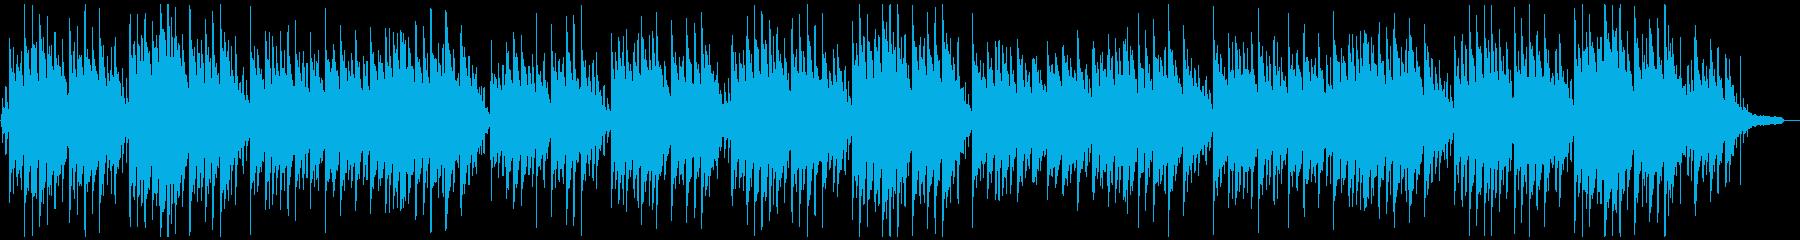 切なくて優しいリコーダー(ドラム無し)の再生済みの波形